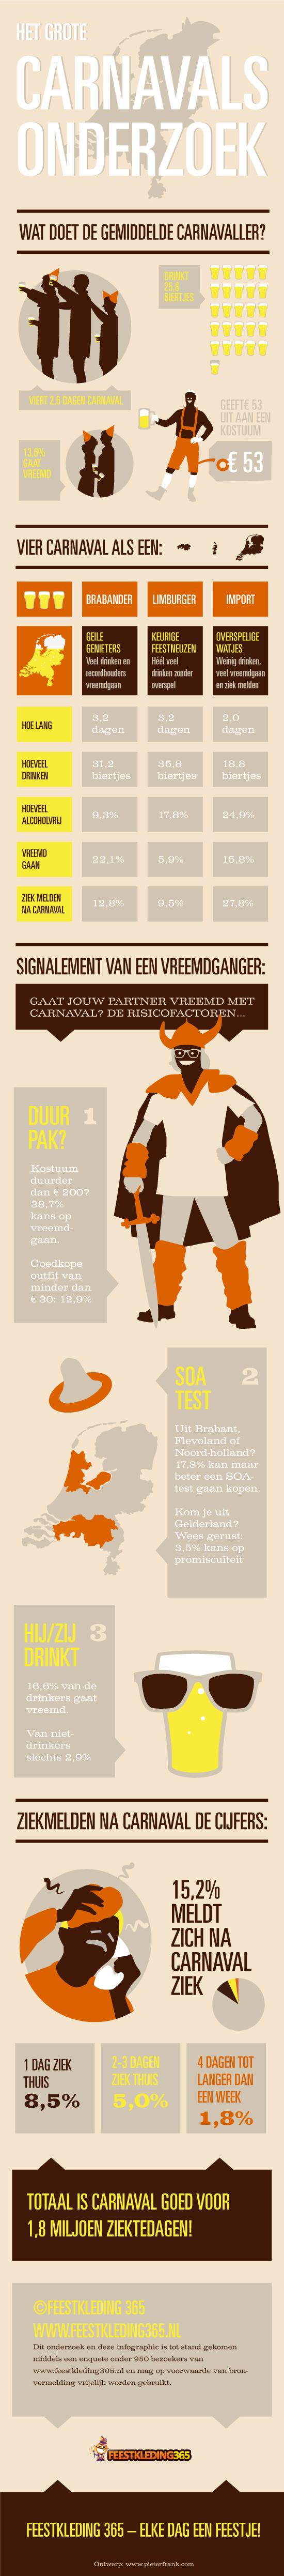 het-grote-carnavals-onderzoek-infographic